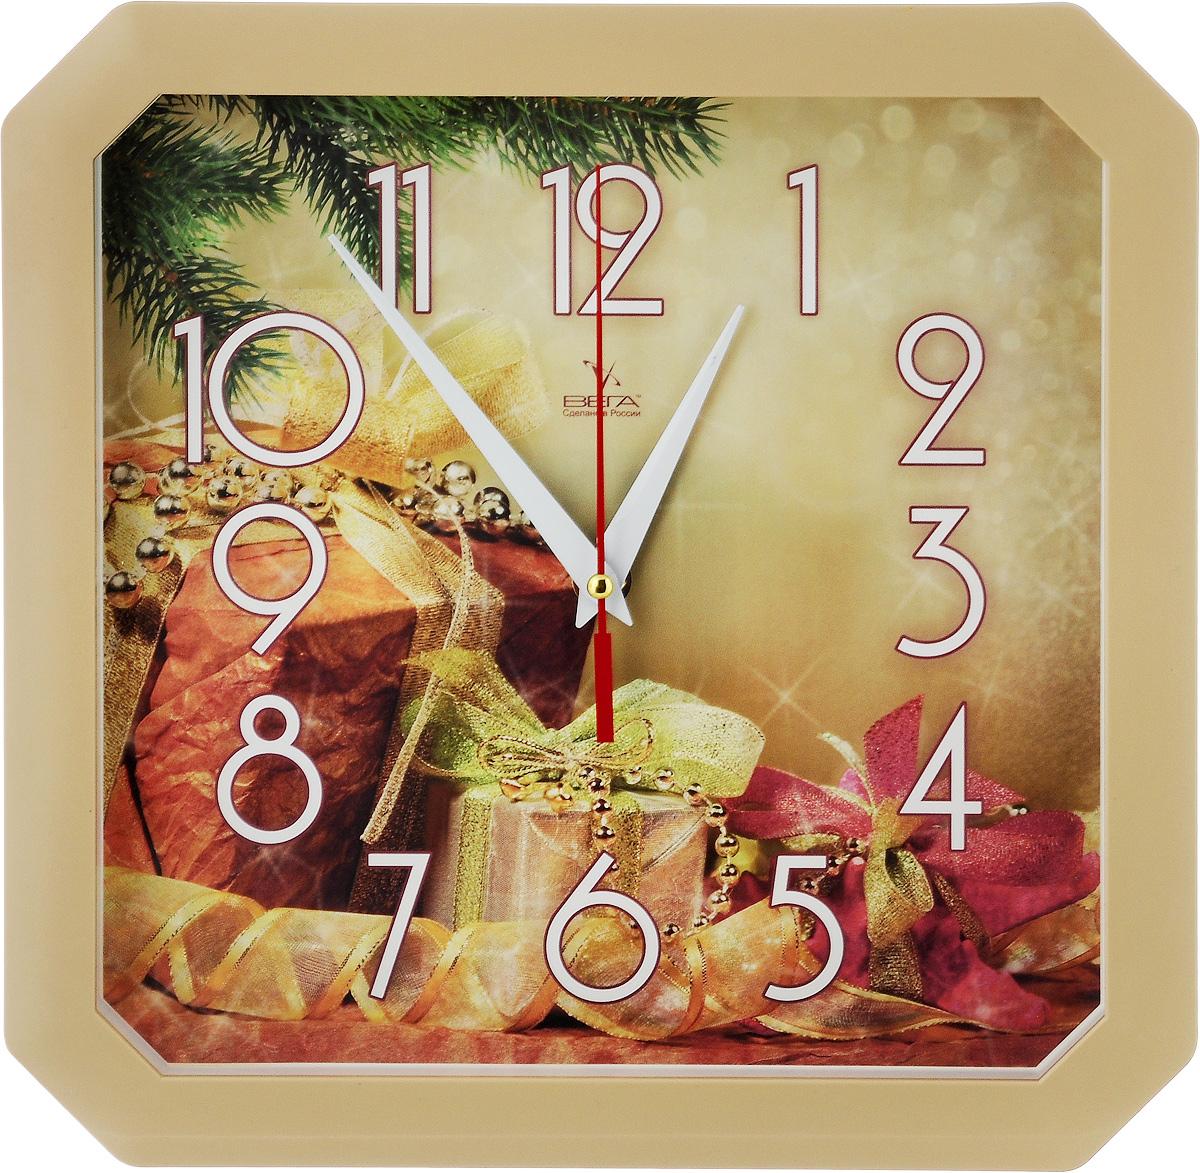 Часы настенные Вега Новогодние подарки, 27,5 х 27,5 х 3,5 смП4-14/7-86Настенные кварцевые часы Вега Новогодние подарки,изготовленные из пластика, прекрасно впишутся в интерьервашего дома. Часы имеют три стрелки: часовую, минутную исекундную, циферблат защищен прозрачным стеклом.Часы работают от 1 батарейки типа АА напряжением 1,5 В (невходит в комплект). Размер часов: 27,5 х 27,5 х 3,5 см.